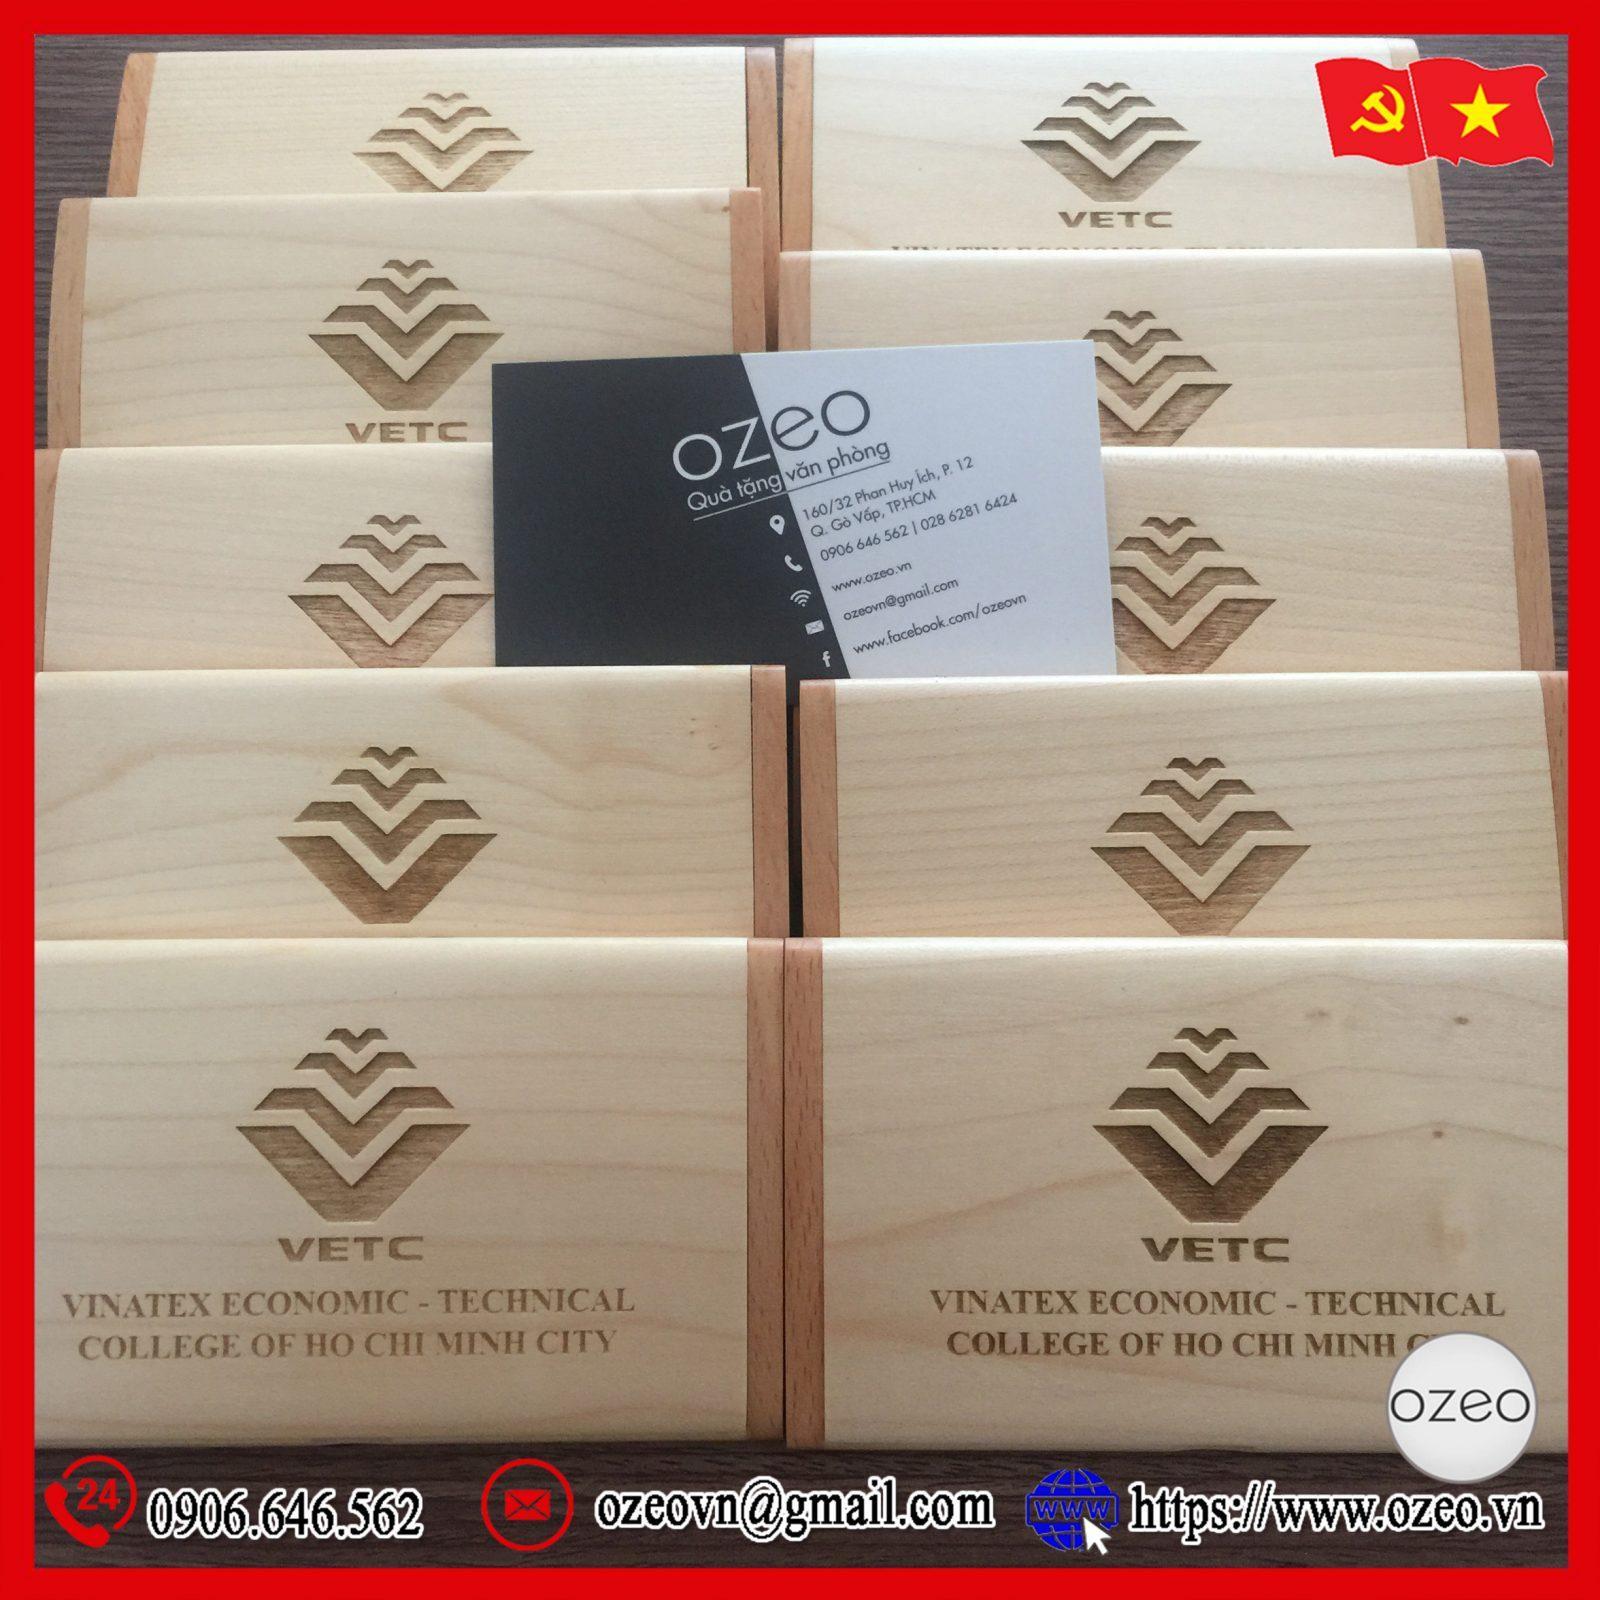 Hộp đựng name card gỗ khắc tên, khắc logo VETC làm quà tặng